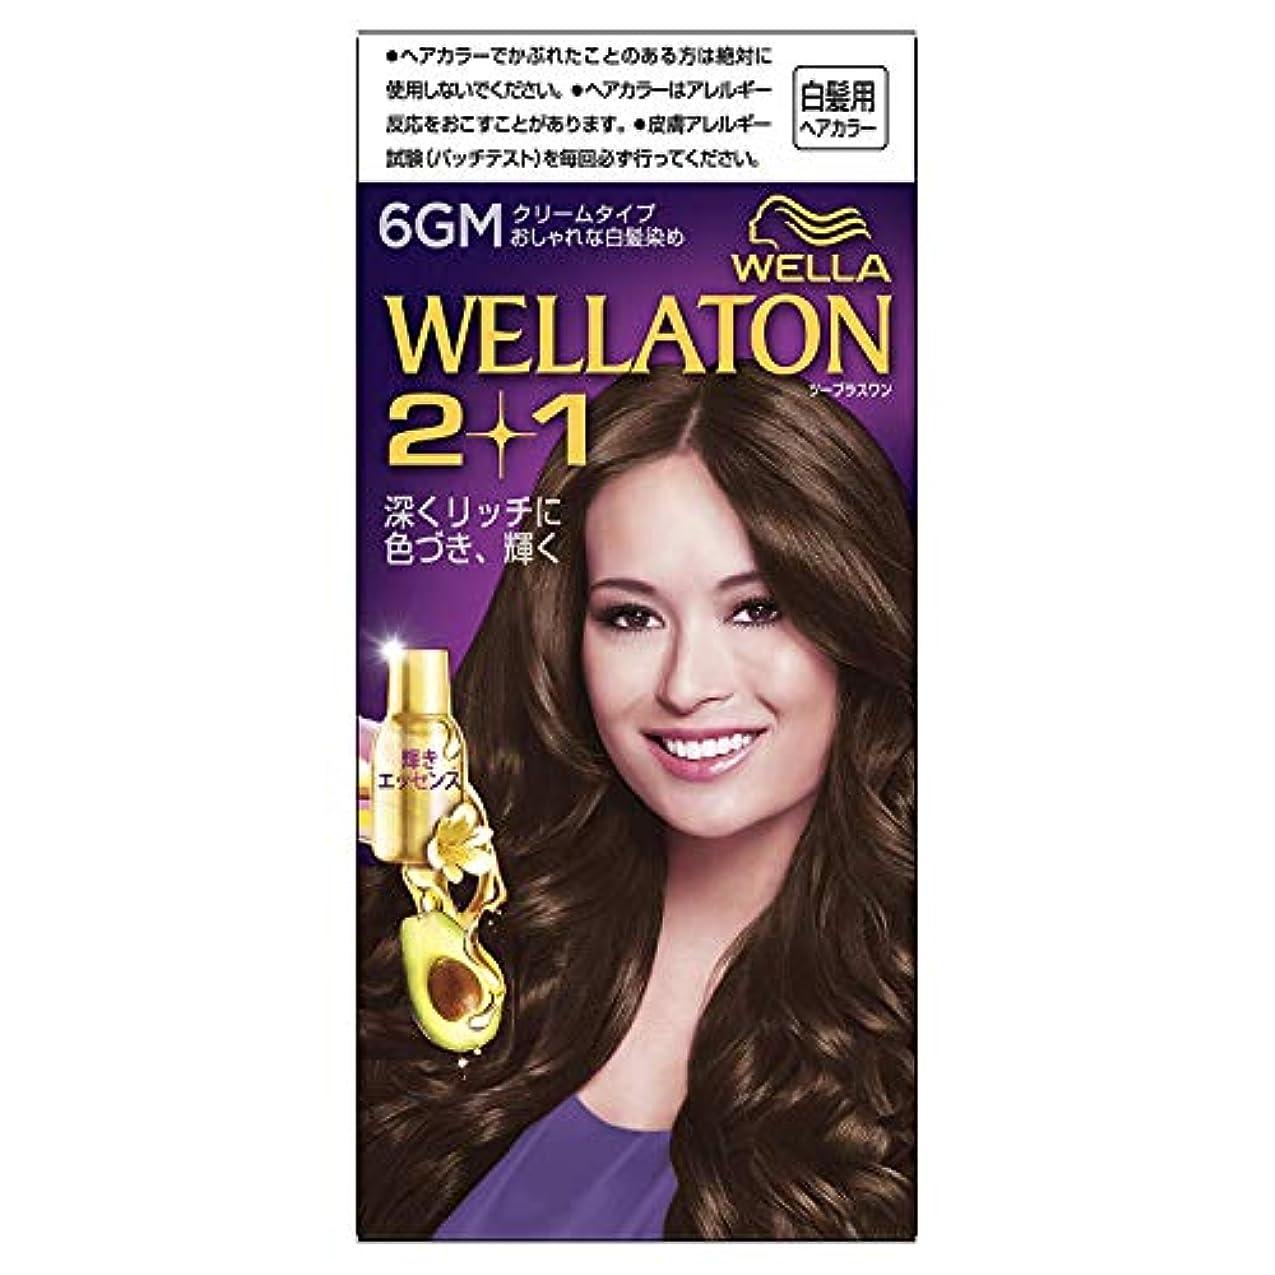 アドバンテージ意識好色なウエラトーン2+1 クリームタイプ 6GM [医薬部外品]×6個